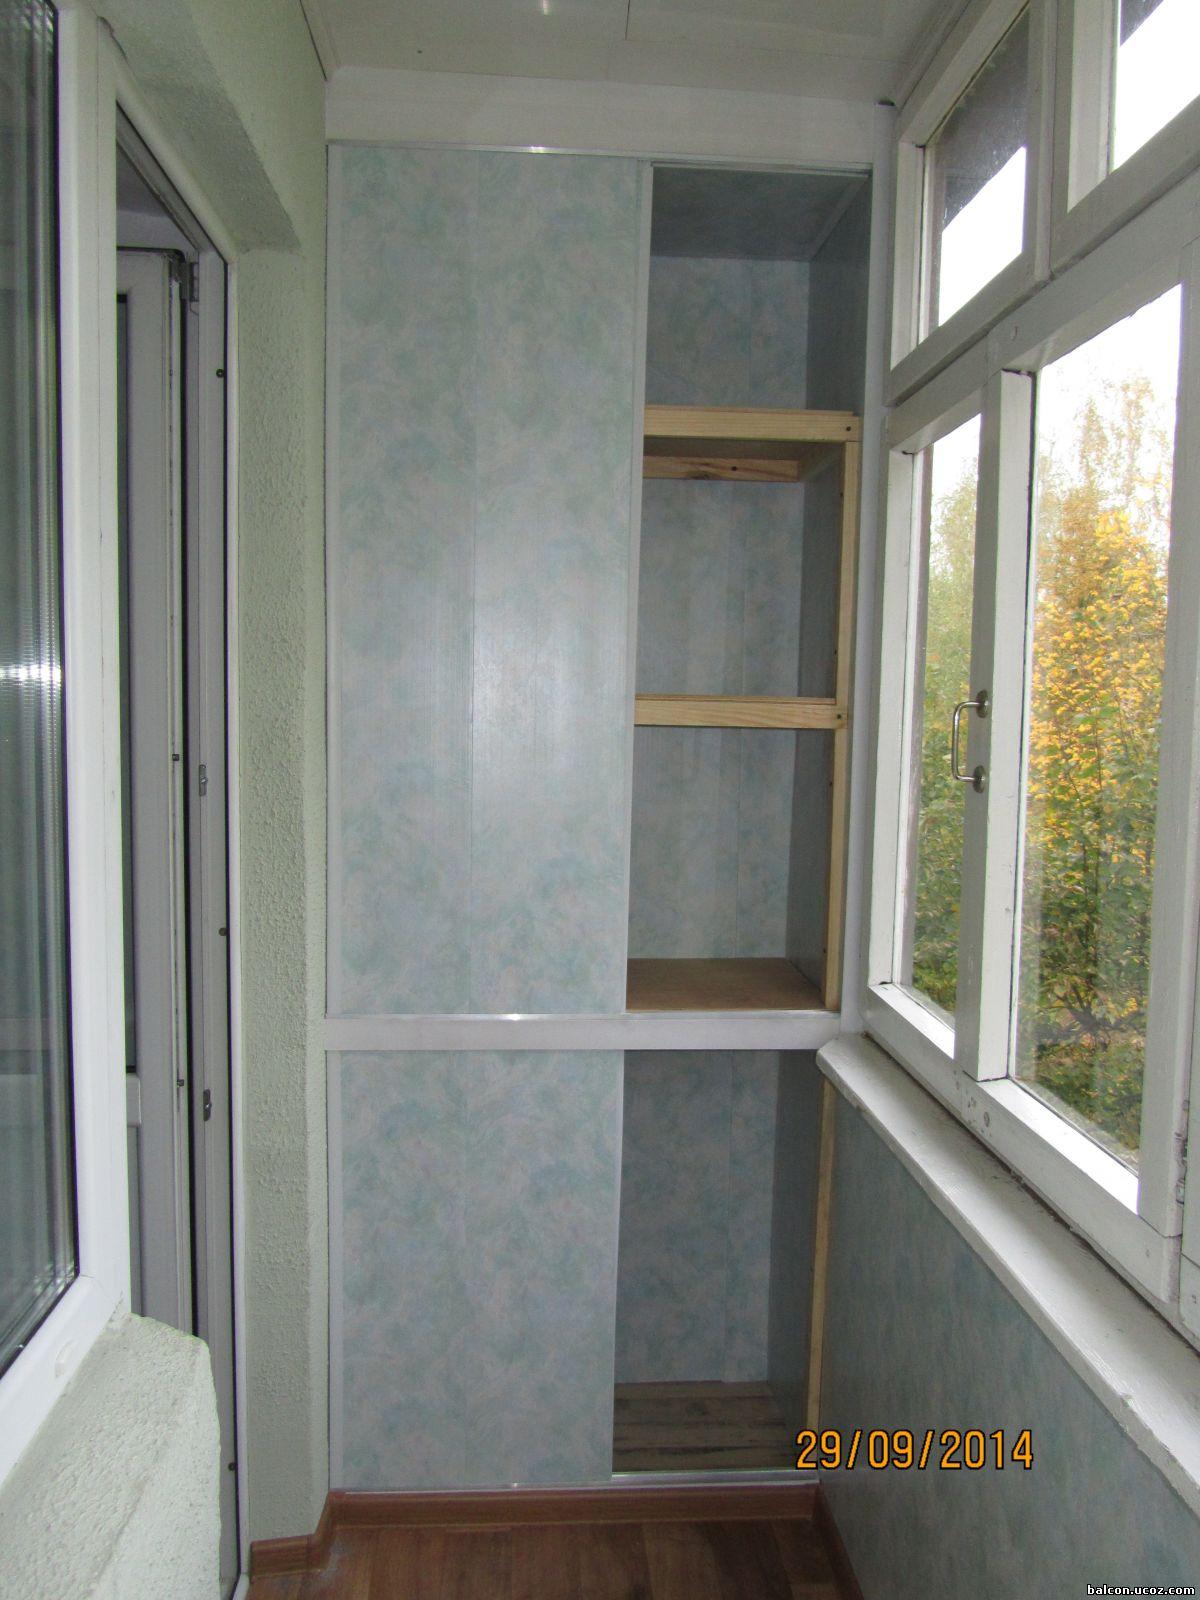 Ремонт балконов - фото работ.